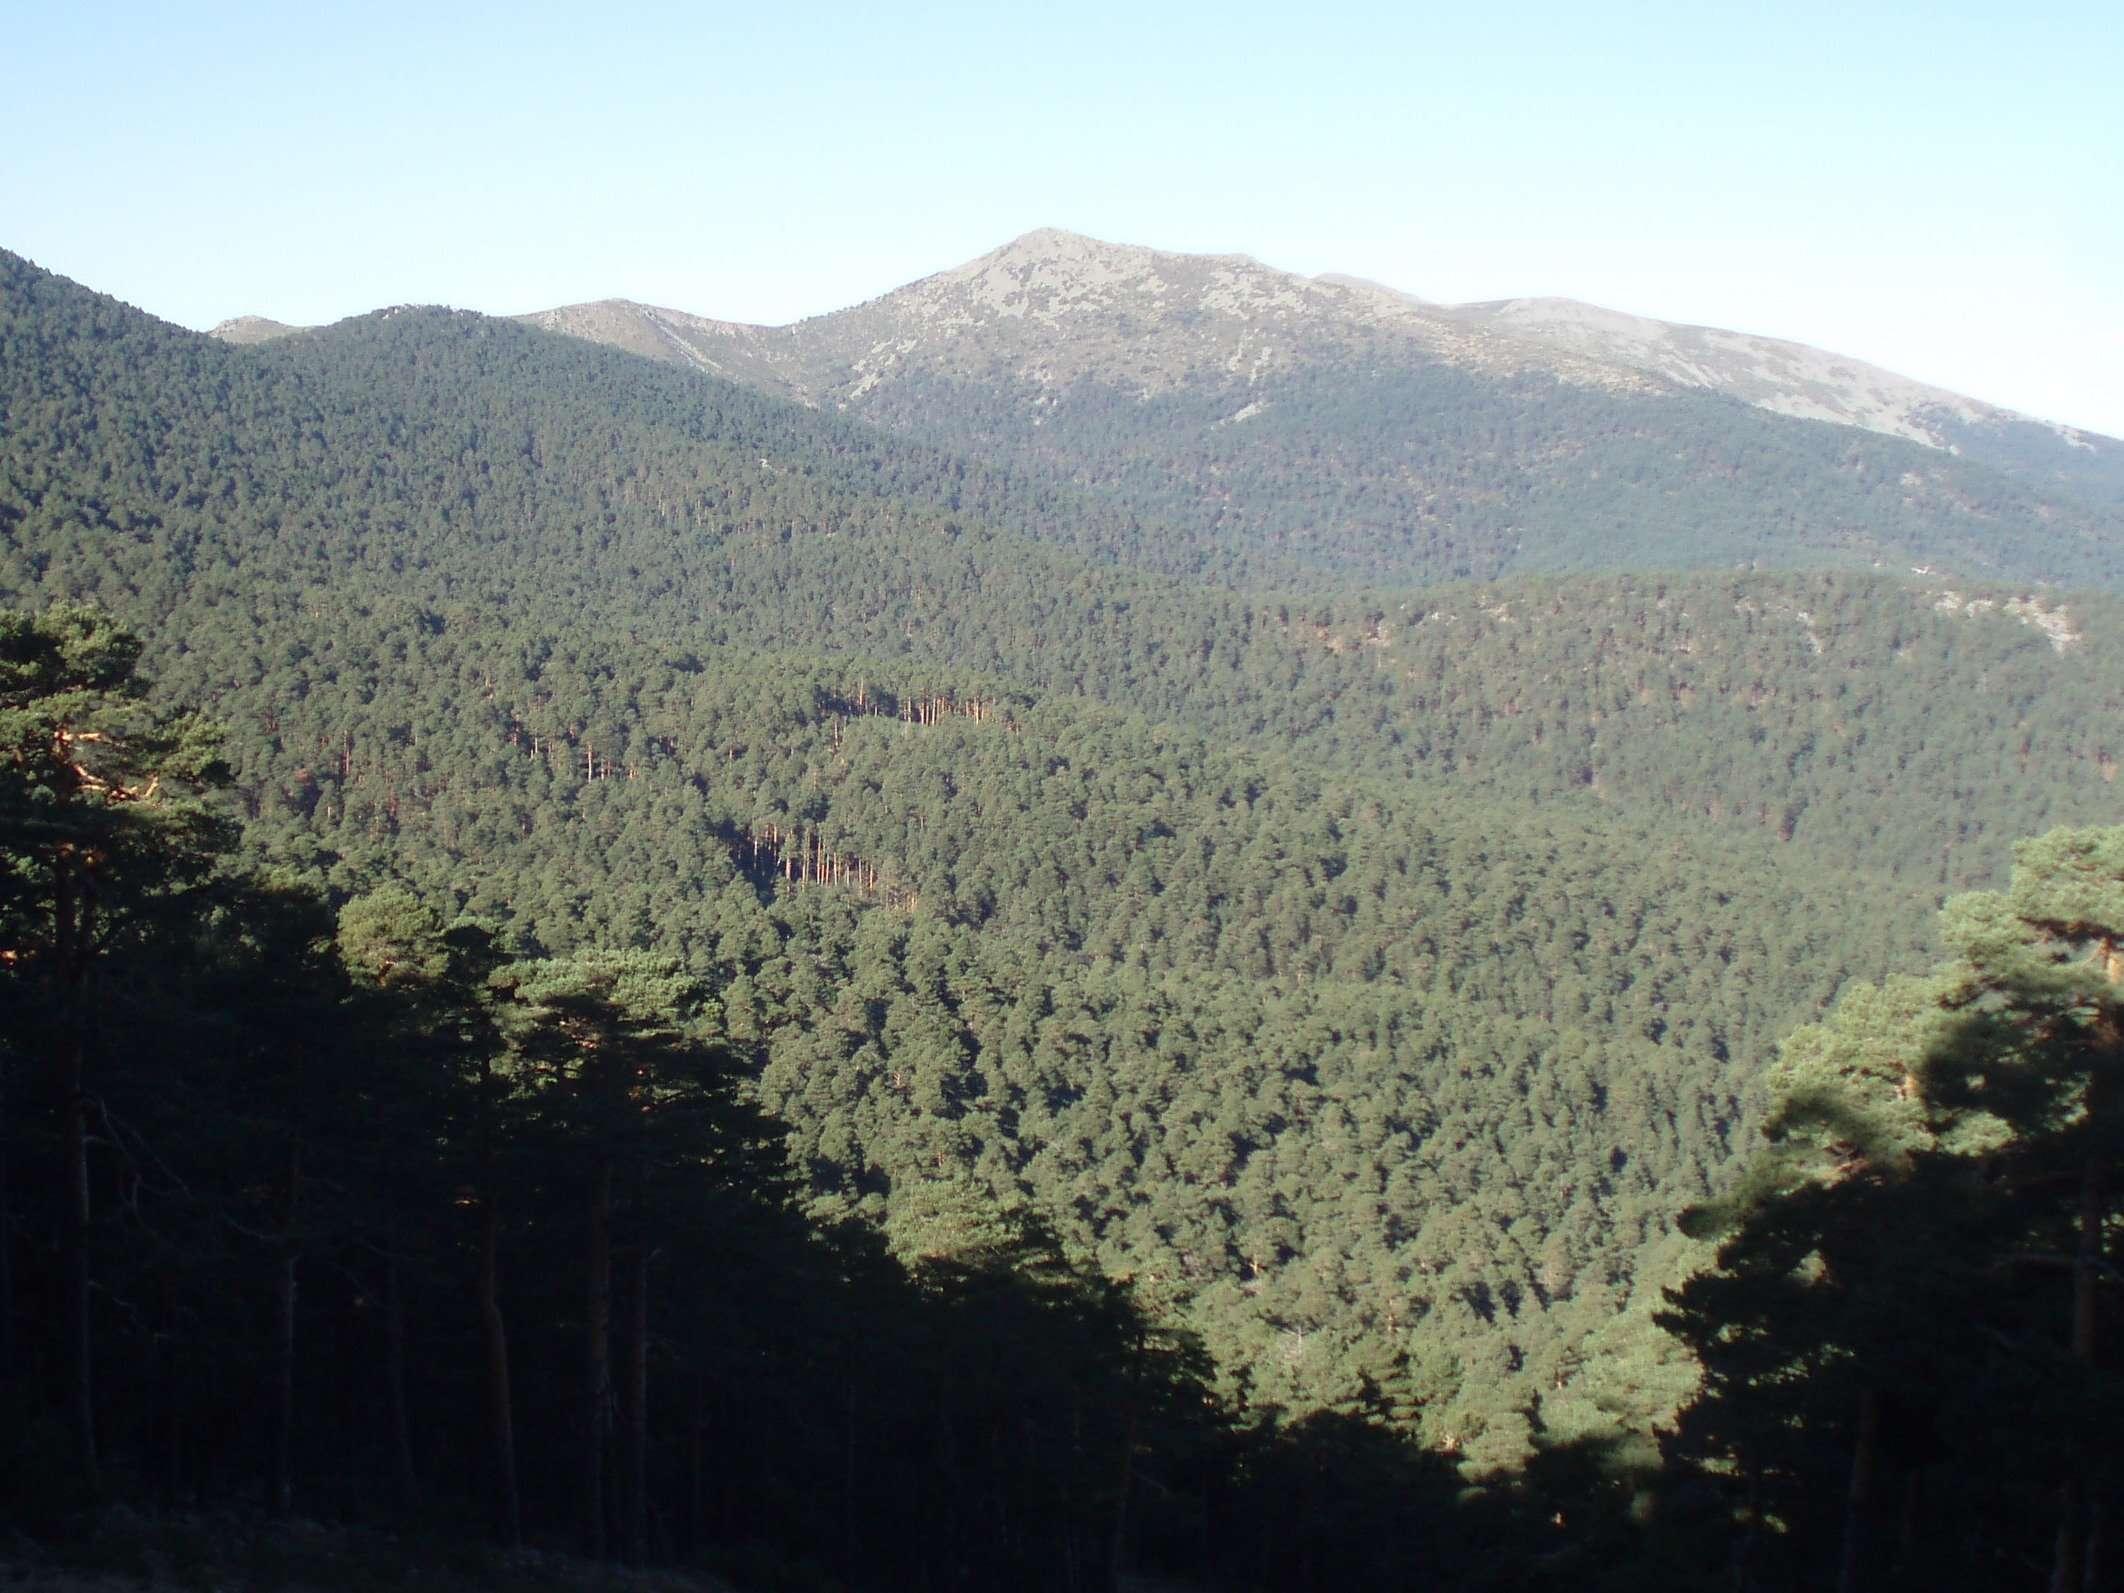 Aprobado el PRUG del Parque Nacional de la Sierra de Guadarrama